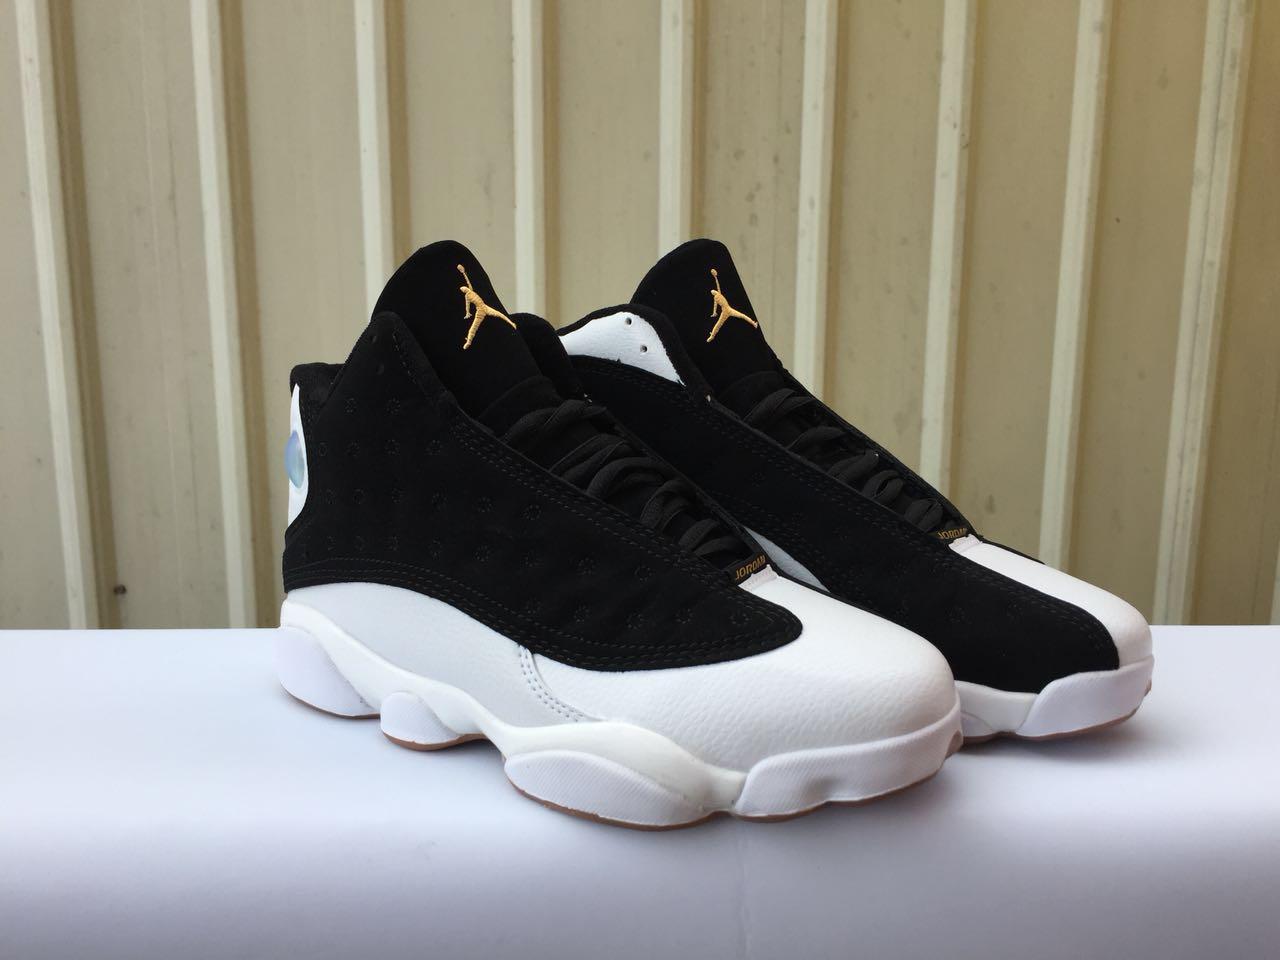 size 40 117bf 95ead 2018 Women Air Jordan 13 Retro Black White Gold Shoes